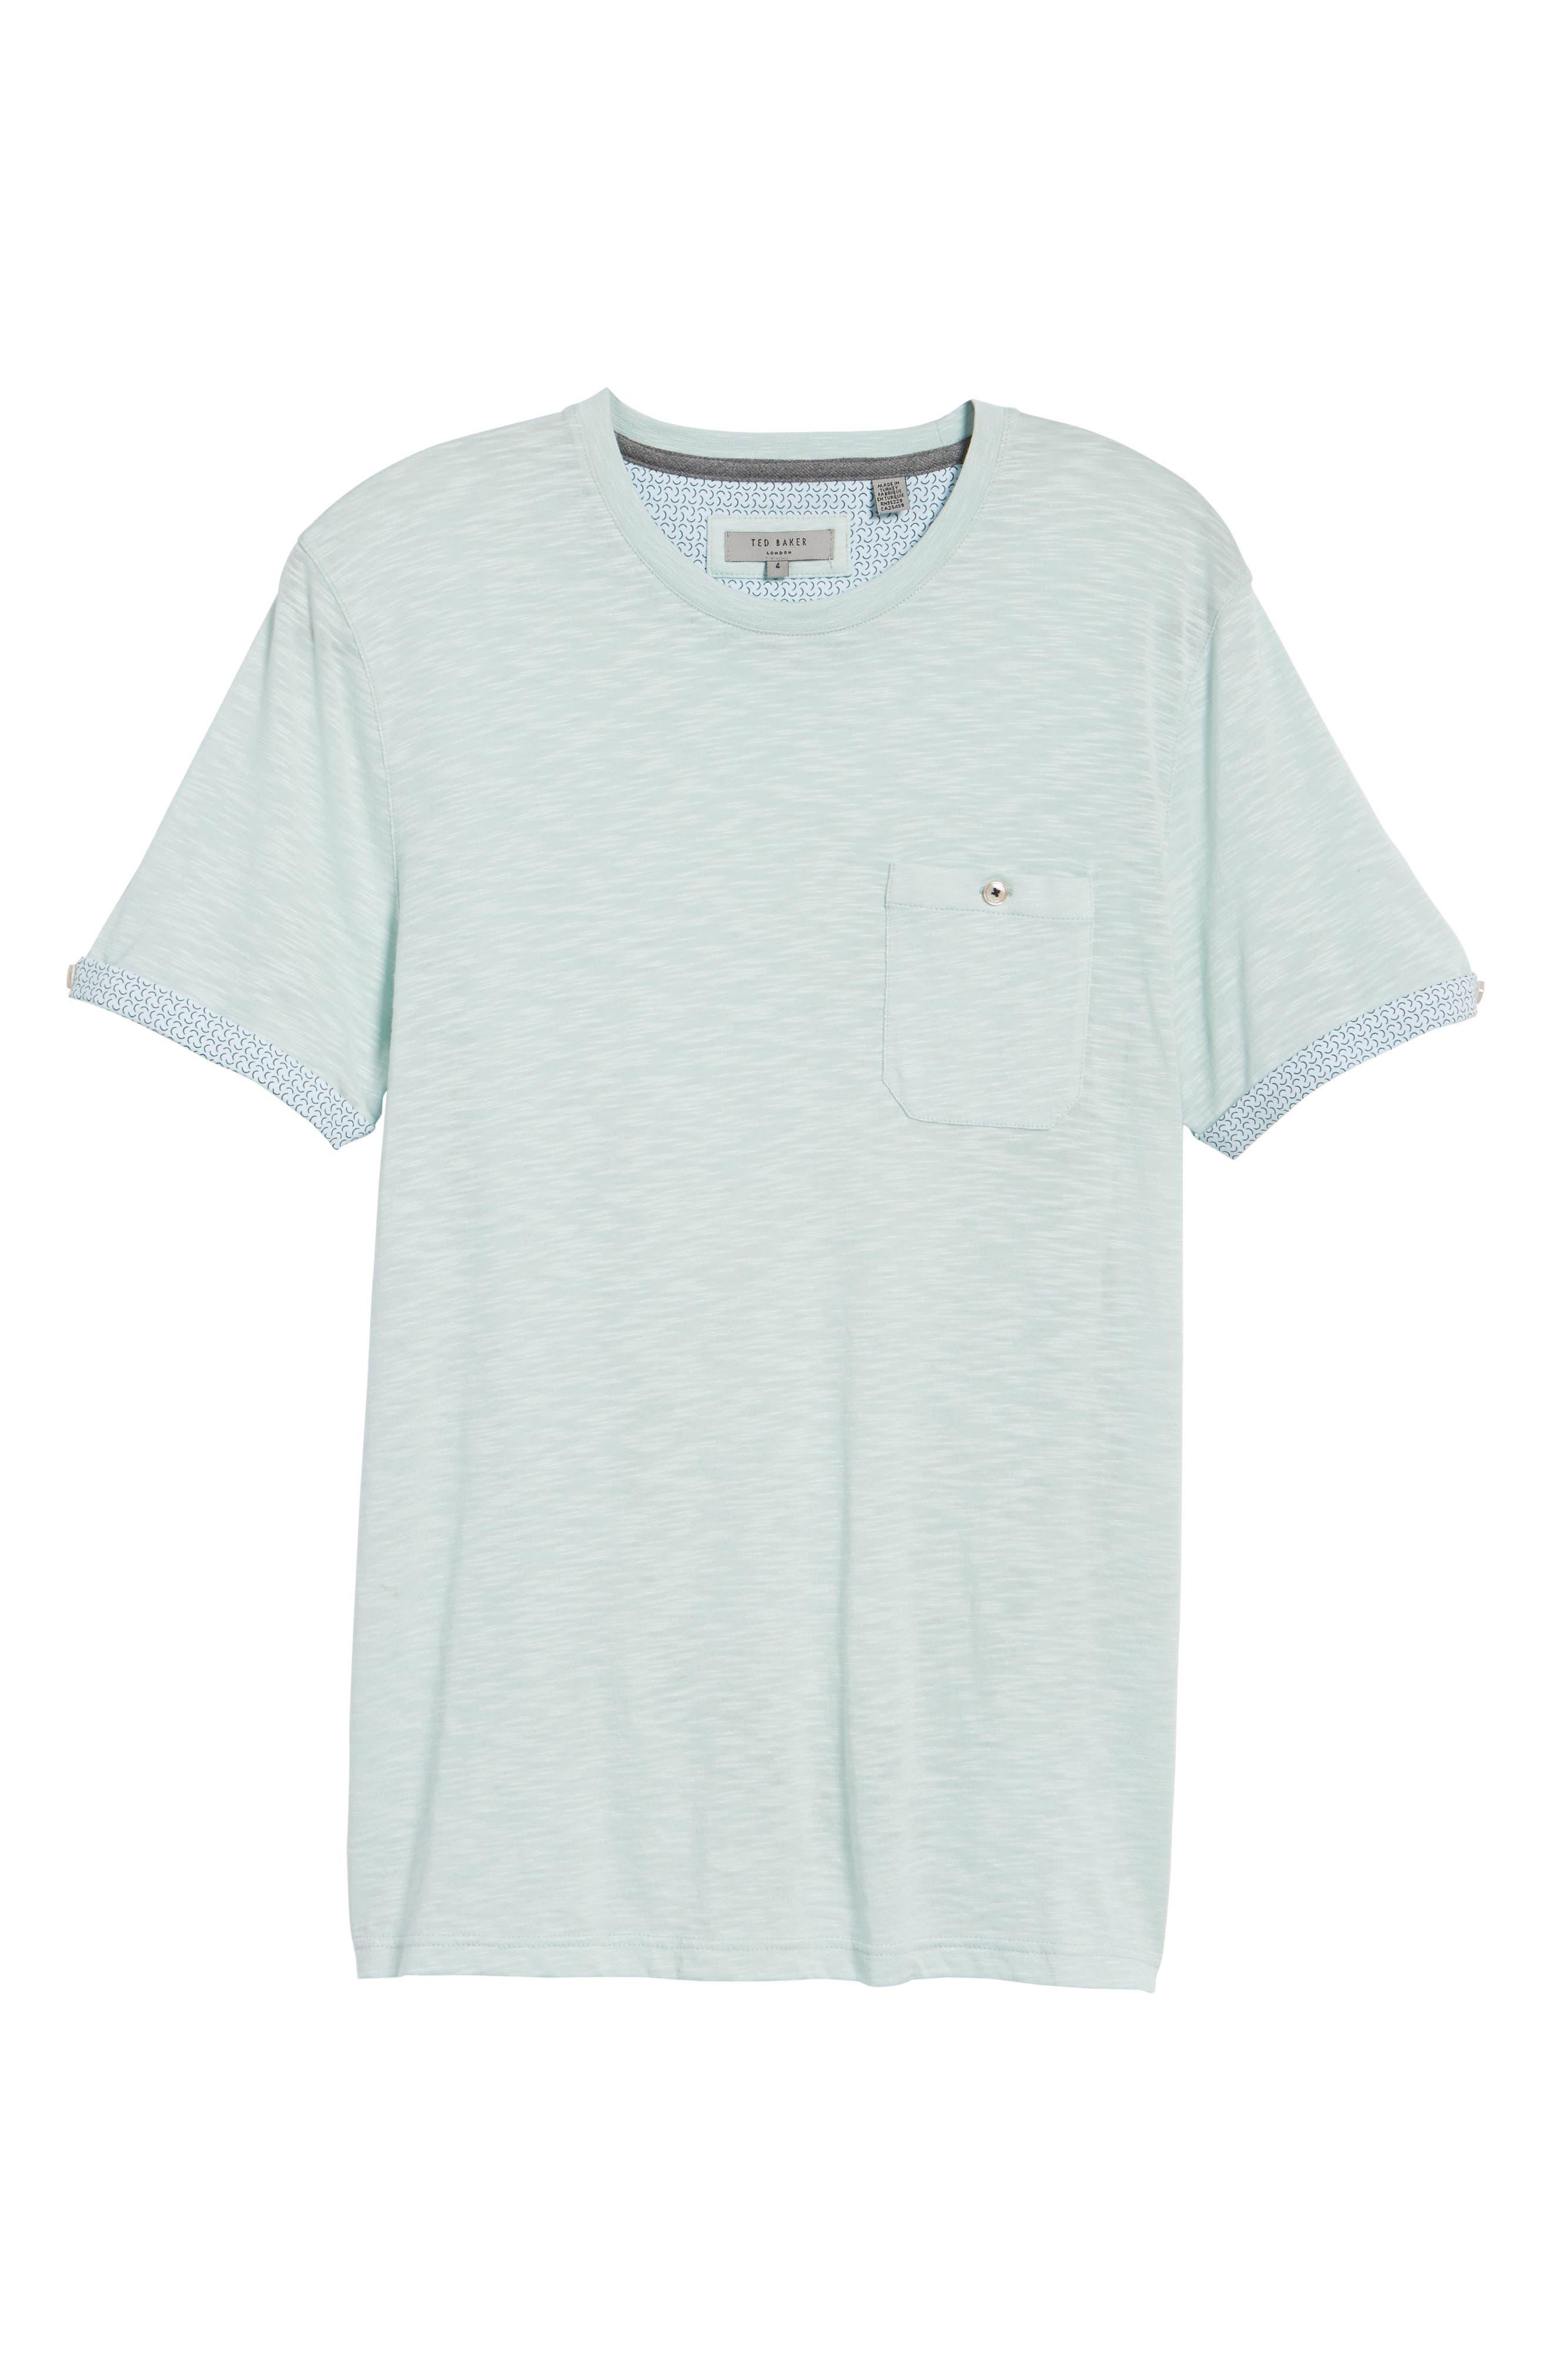 Taxi Slub Cotton Pocket T-Shirt,                             Alternate thumbnail 6, color,                             339